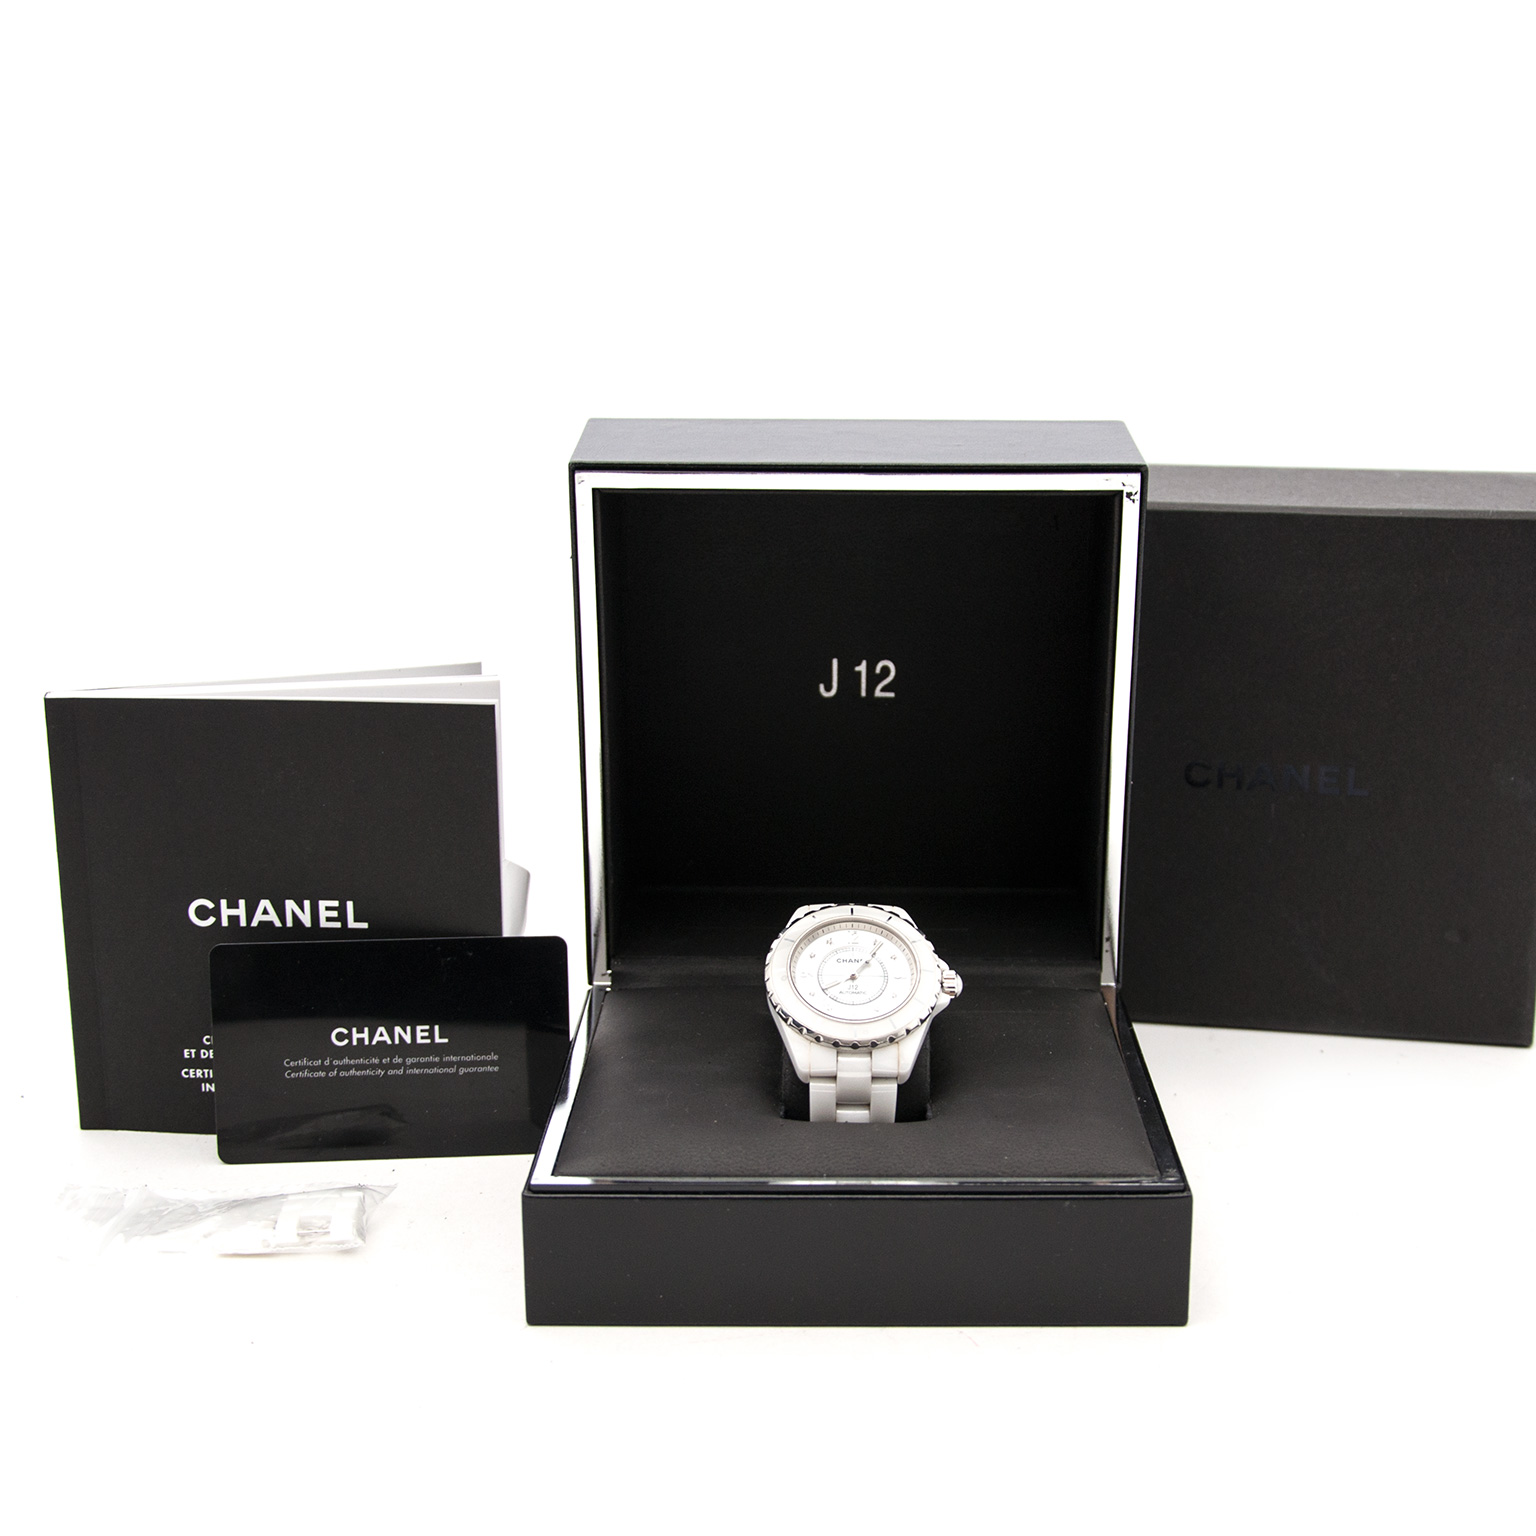 Koop uw Chanel Witte Caramische Horloge nu bij labellov.com tegen de beste prijs